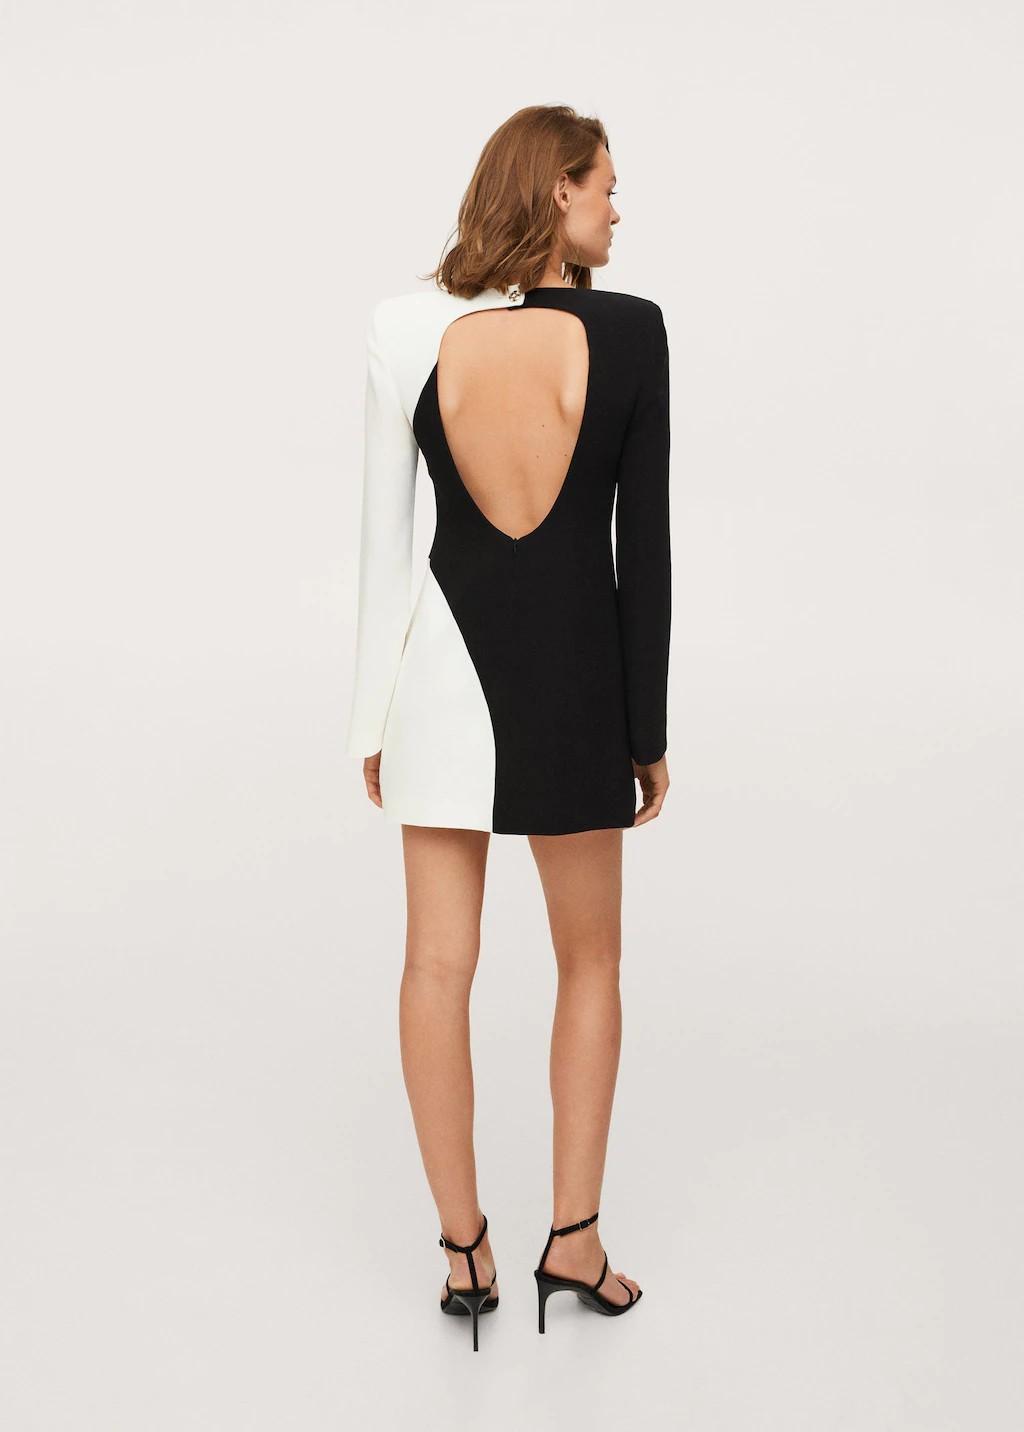 El vestido de Rocío Osorno de Mango que parece de pasarela y solucionará todos tus looks